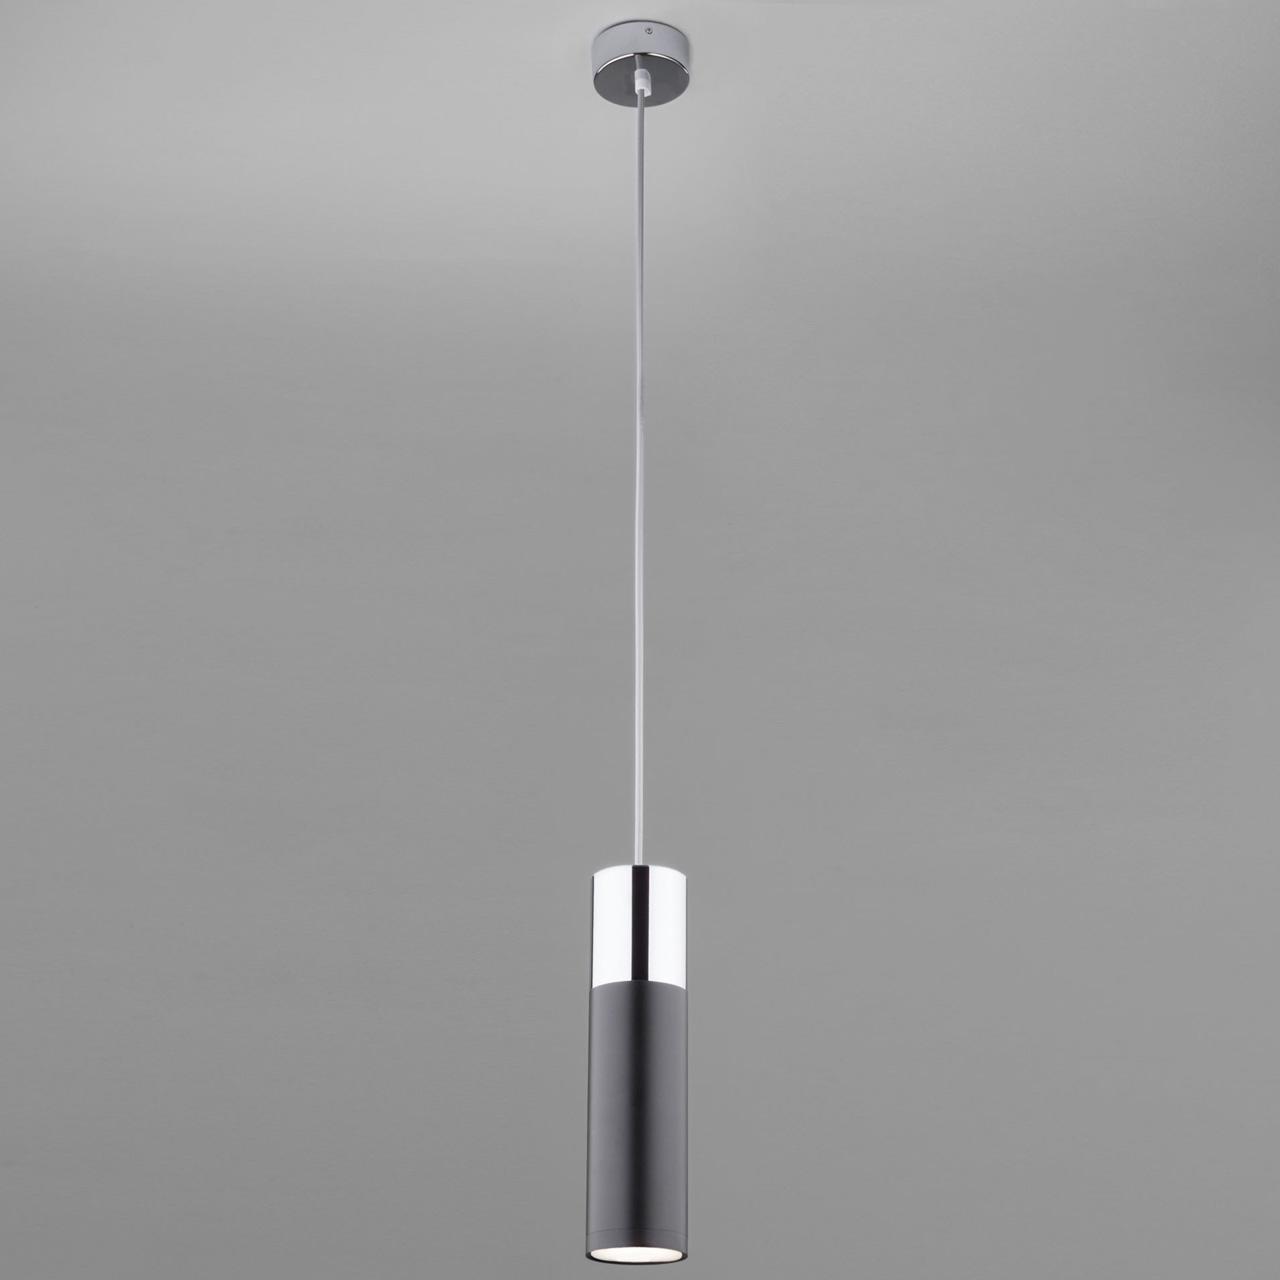 Подвесной светильник Eurosvet Double Topper 50135/1 LED хром/черный